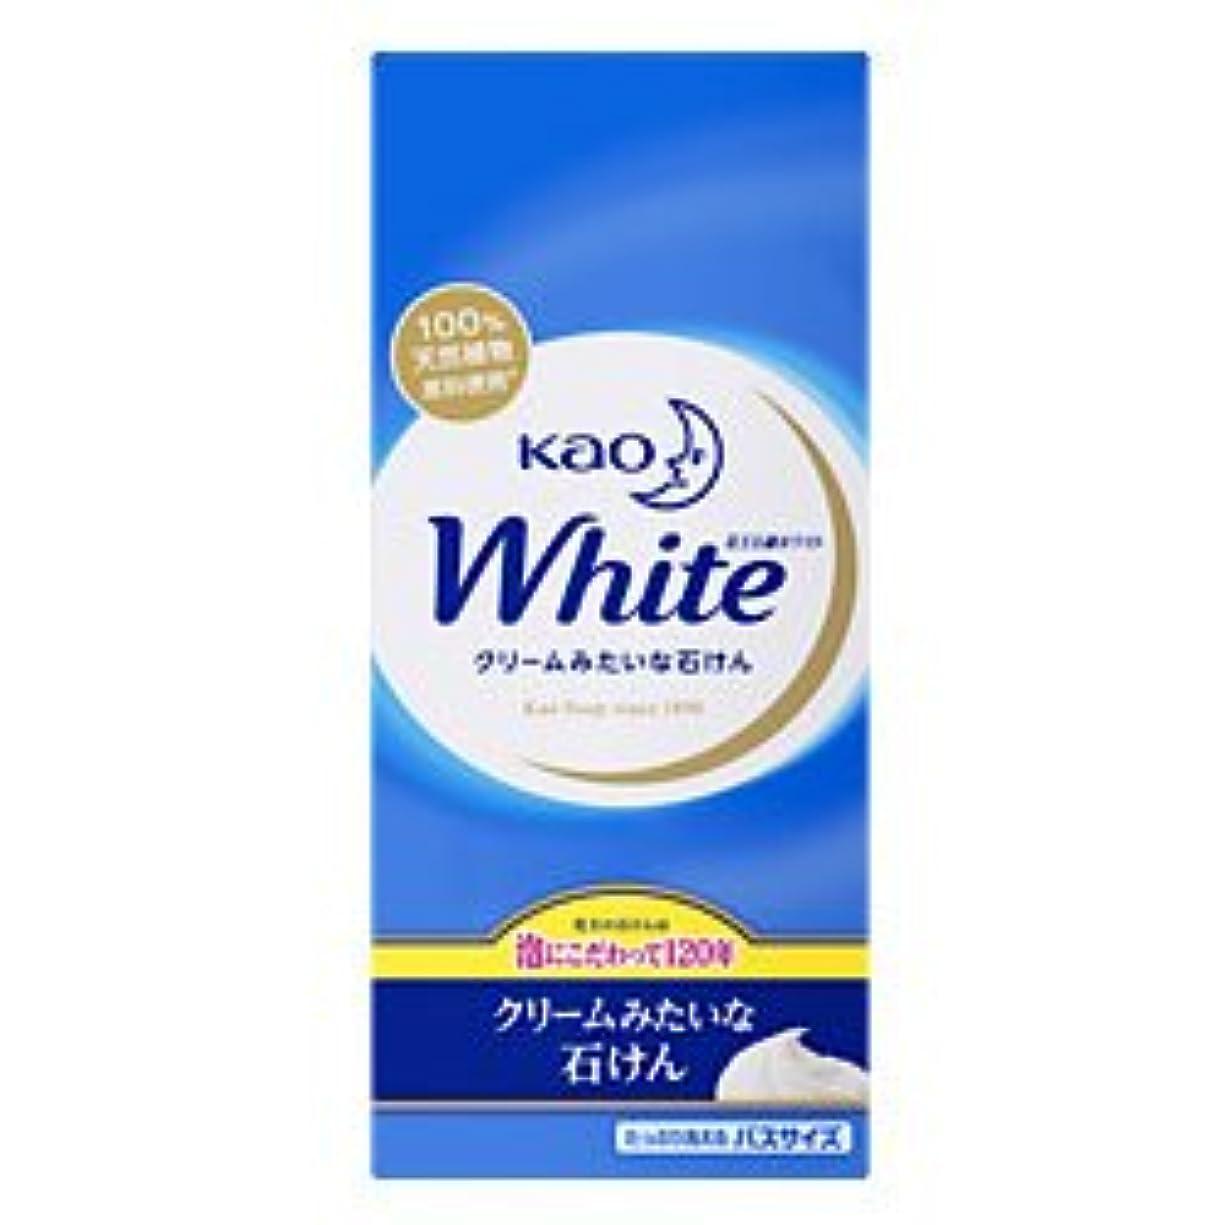 宣言する地域作り上げる【花王】花王ホワイト バスサイズ 130g×6個 ×20個セット